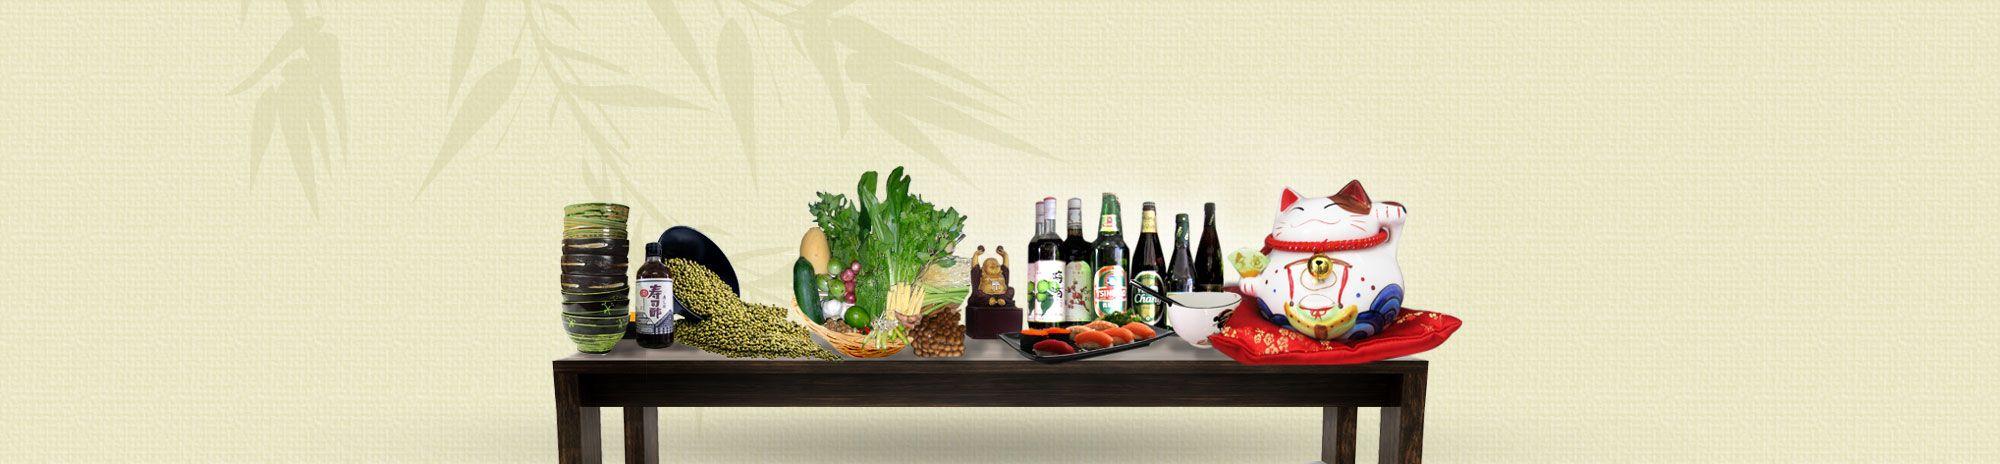 Bild von einem Tisch mit asiatischen Lebensmitteln